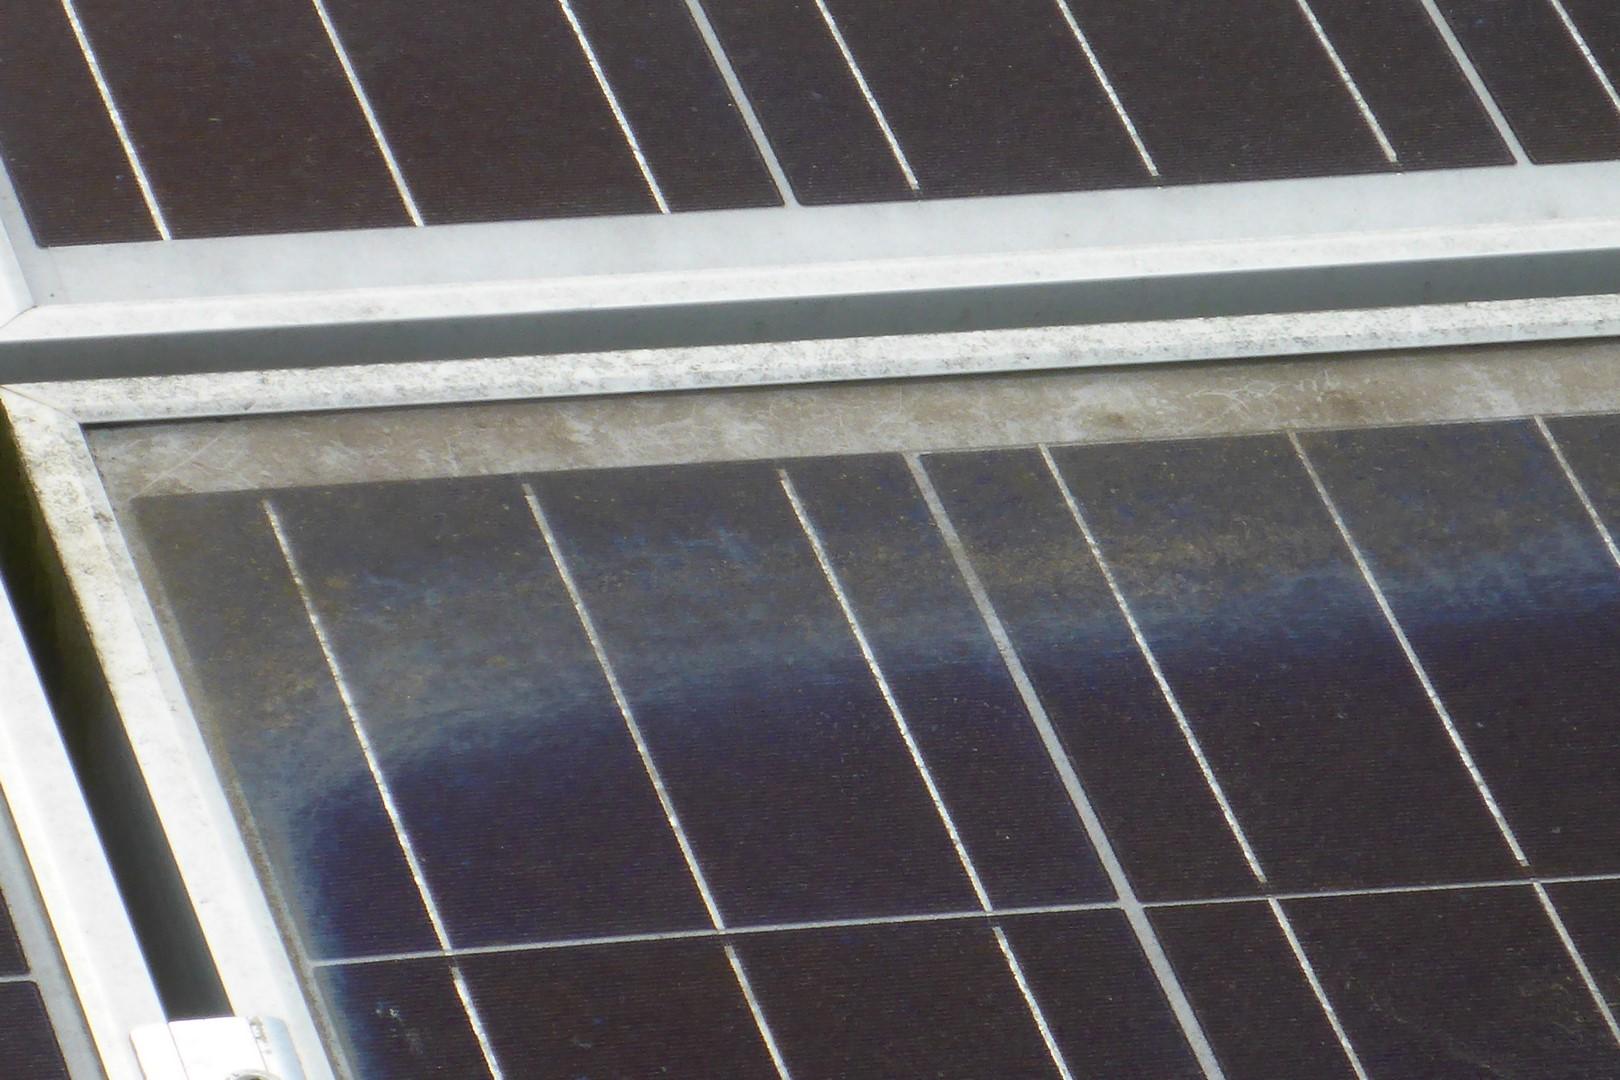 Die Photovoltaik Reinigung 2020 beugt Glaskorrosion am Photovoltaikmodul vor.